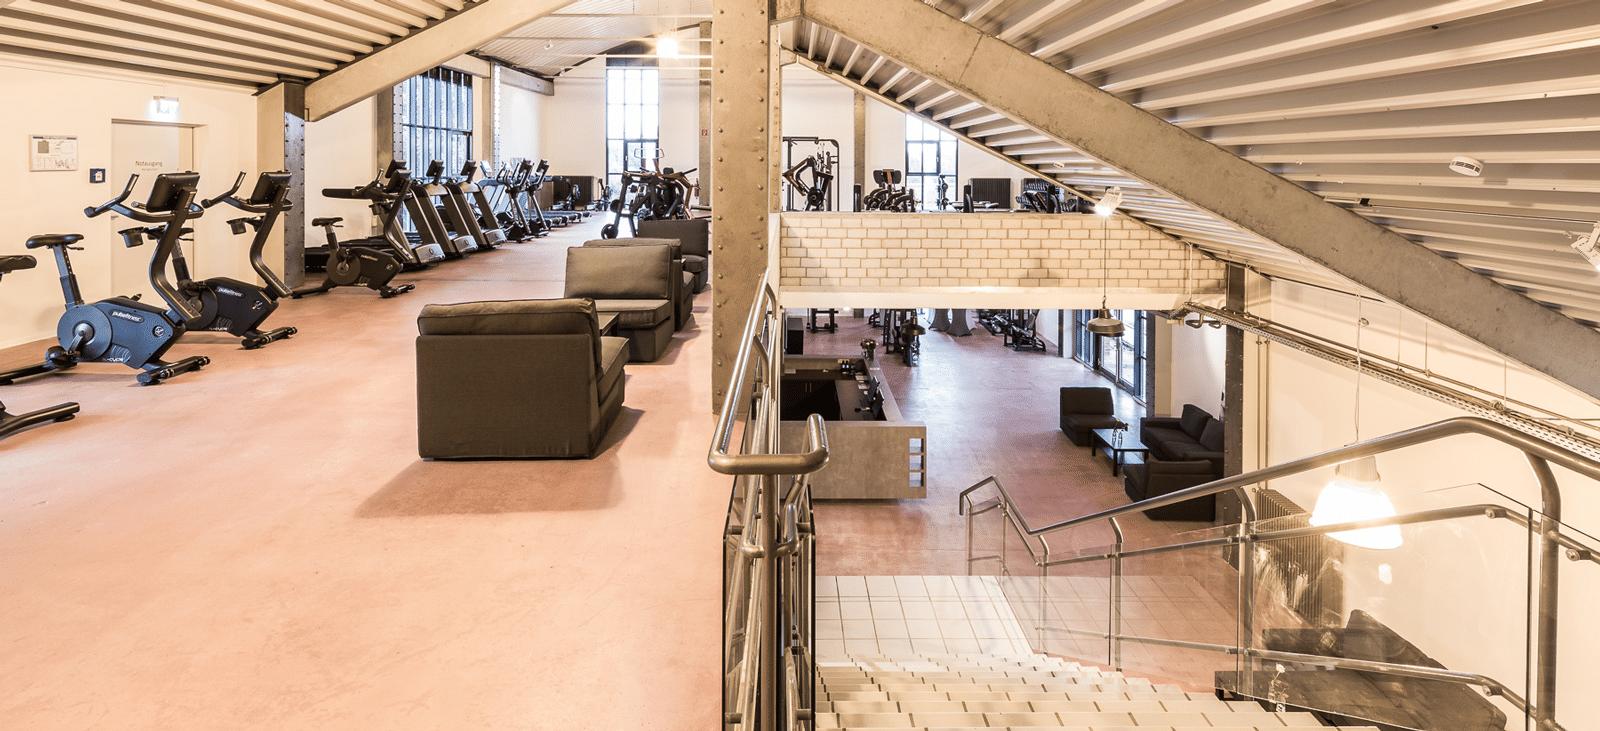 Fitnessstudio-Gundelfingen-Stock-1600x731px